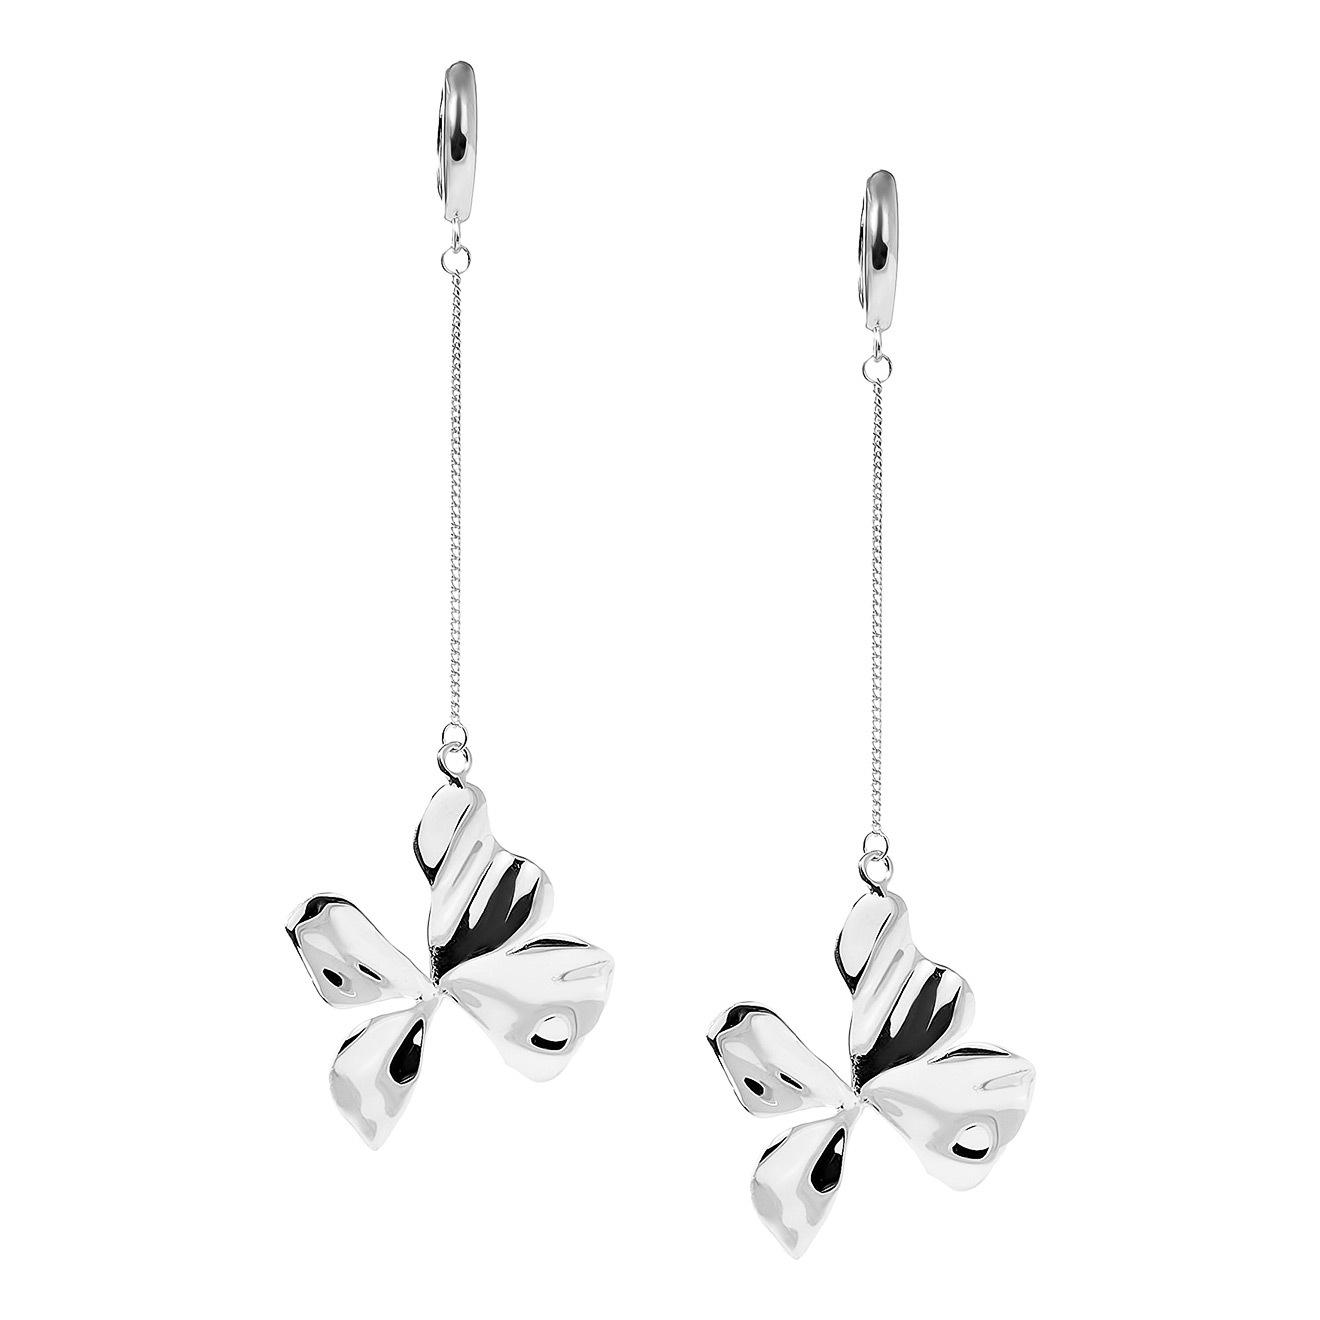 серебряные длинные серьги с узорами Nastya Maximova Серебряные серьги с подвесками-цветами